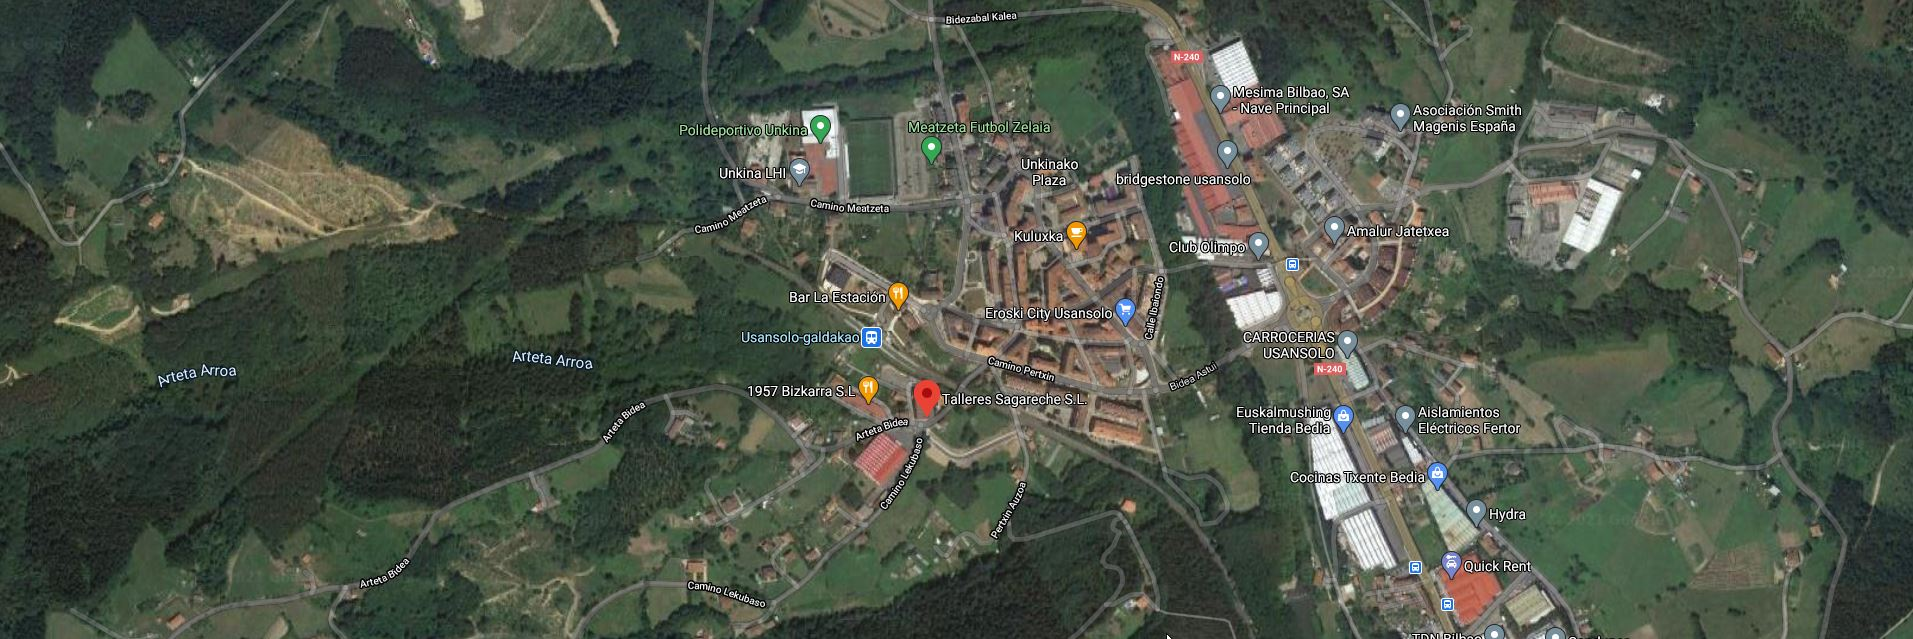 Talleres Sagareche vista satelital de las instalaciones